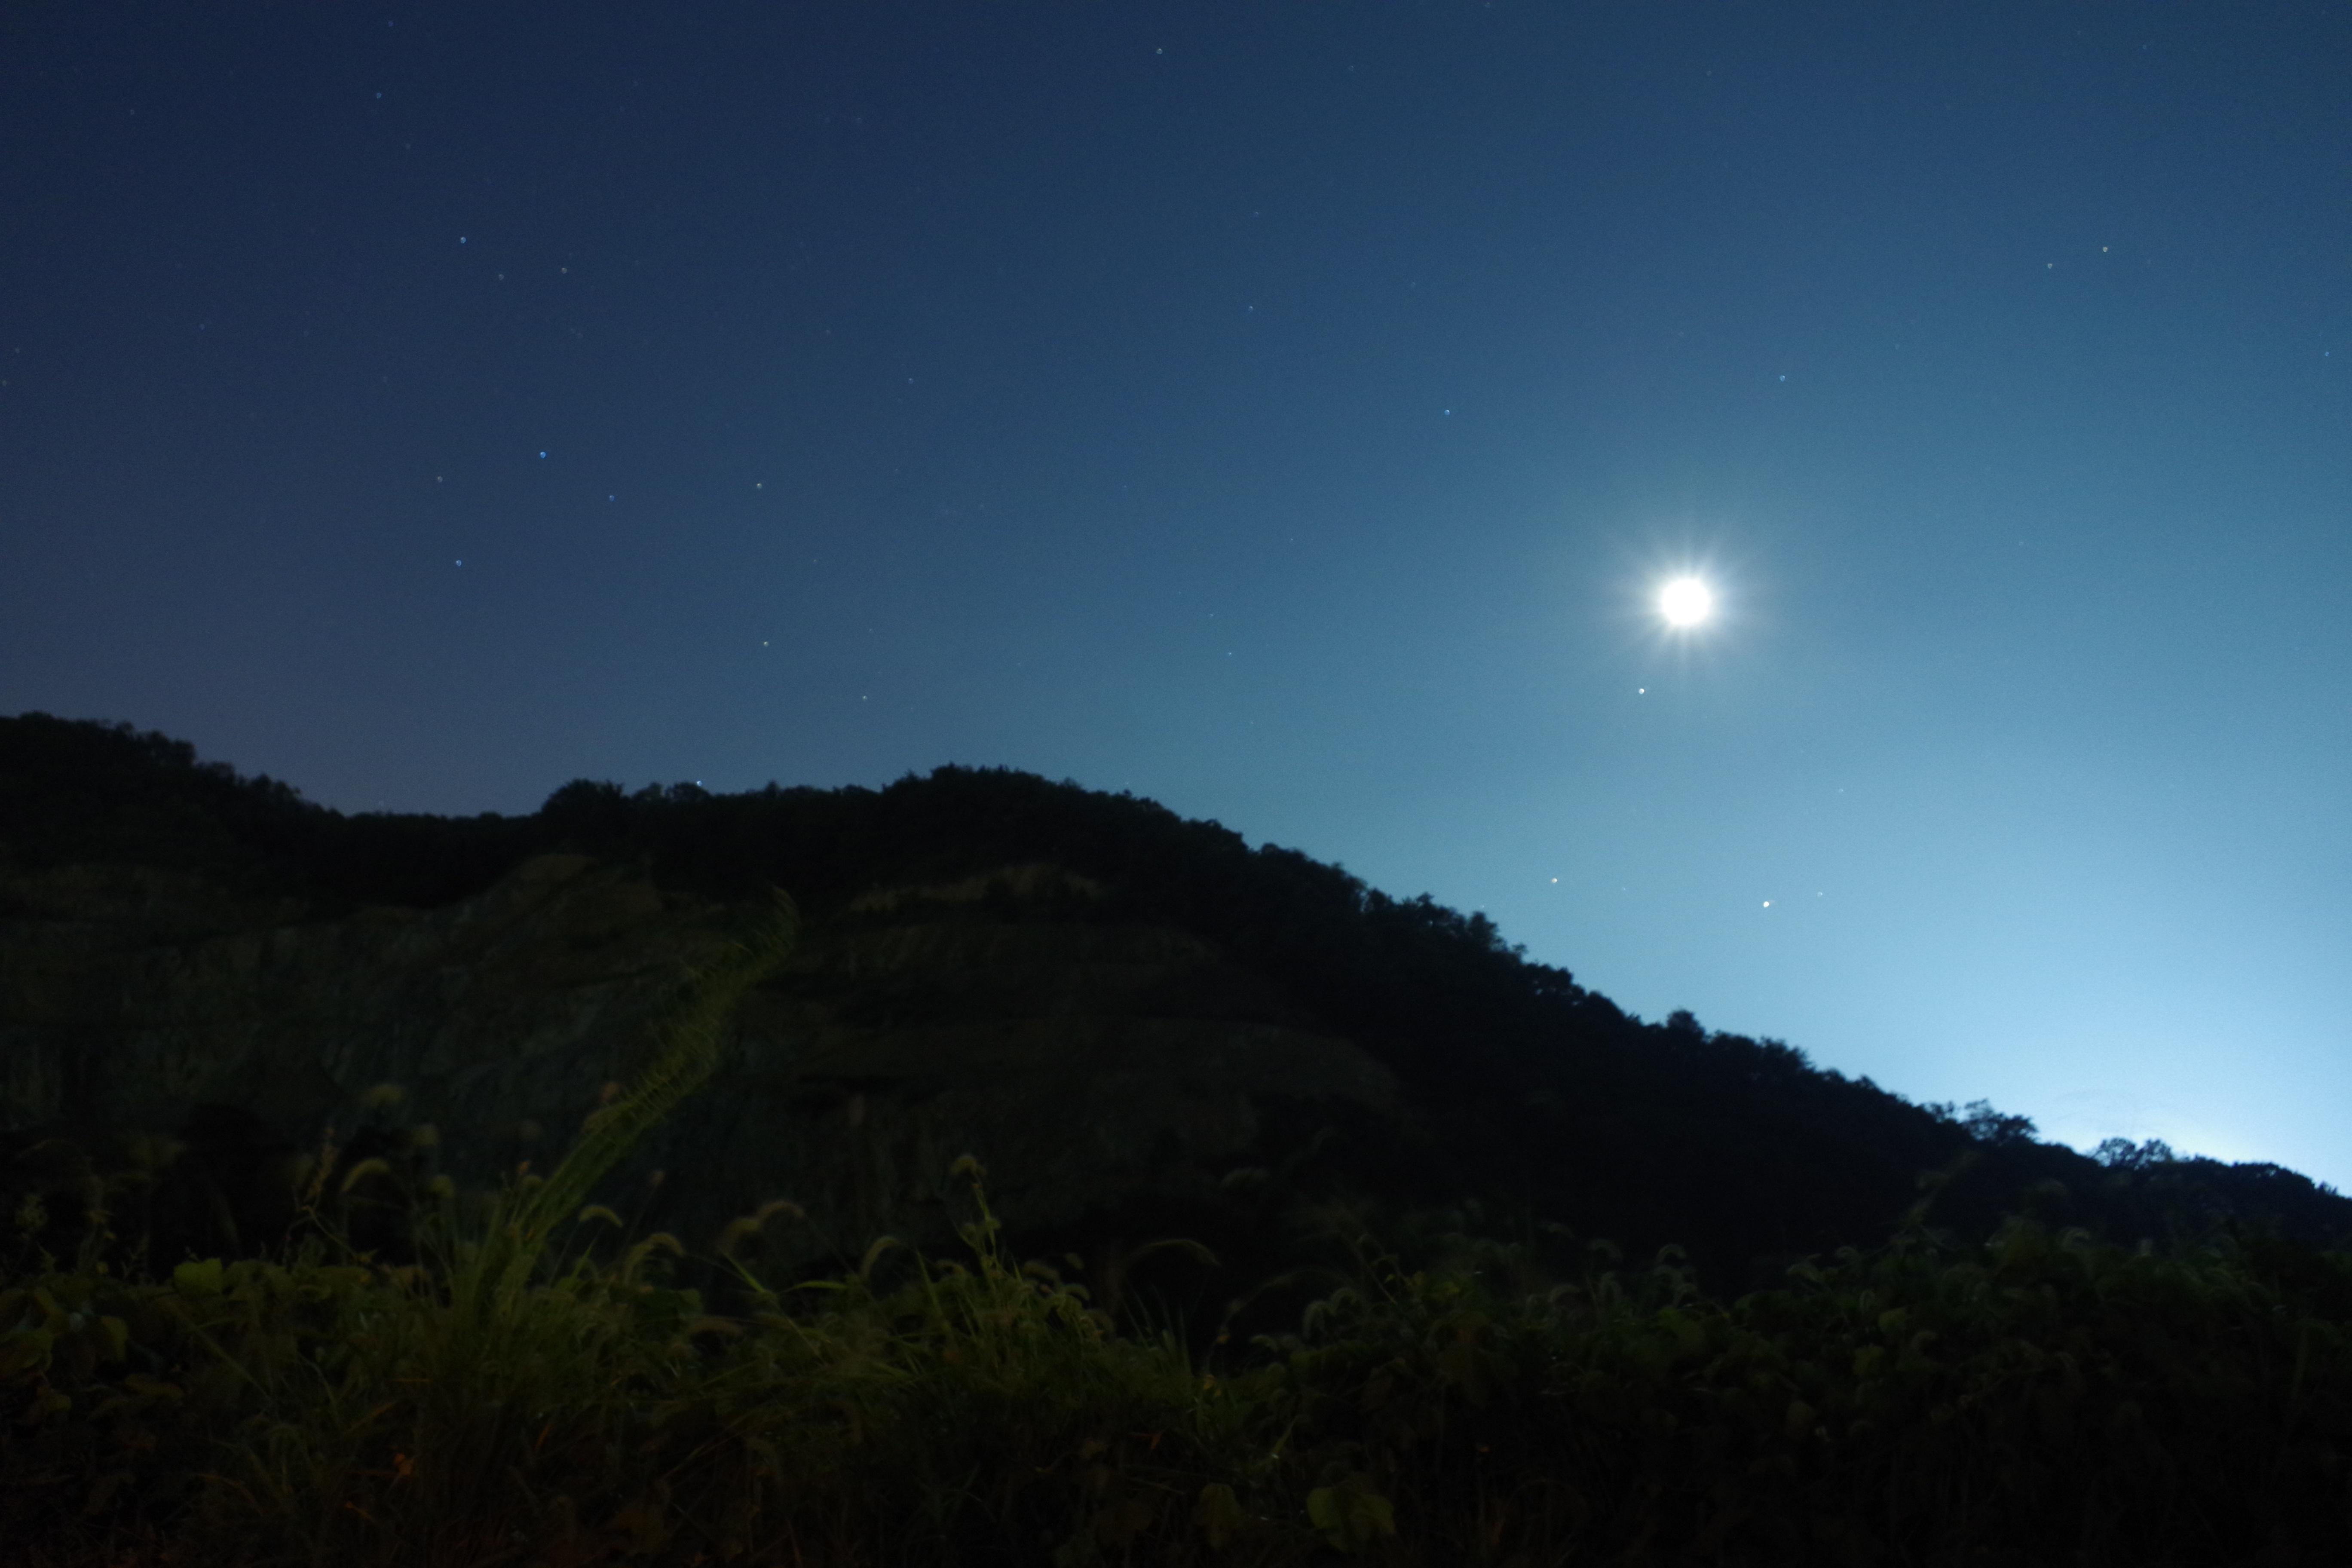 Fotograf Ufuk Dag Bulut Gokyuzu Gece Gunes Isigi Star